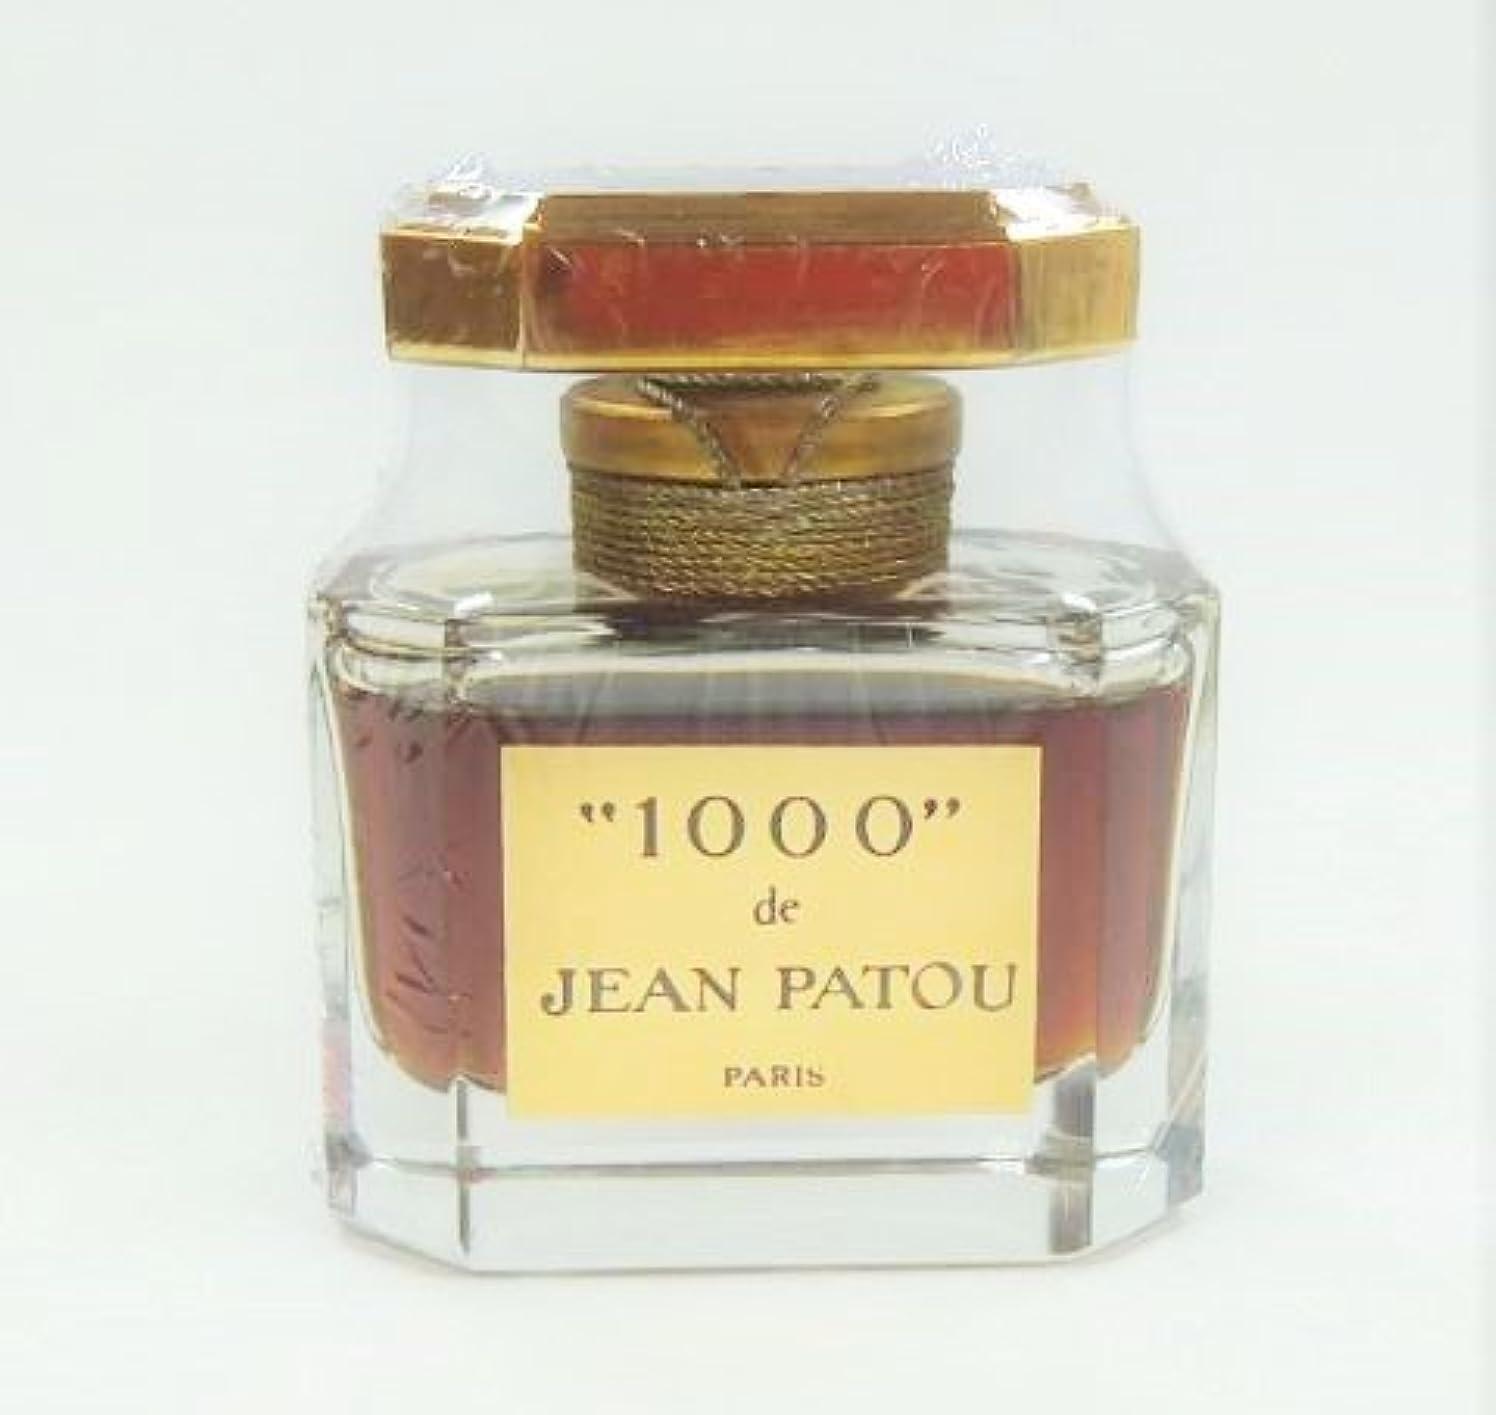 ロバヒロイン聖歌【箱?ケース無し】 JEAN PATOU ジャンパトゥ ミル 1000 Parfum 15ml (並行輸入)